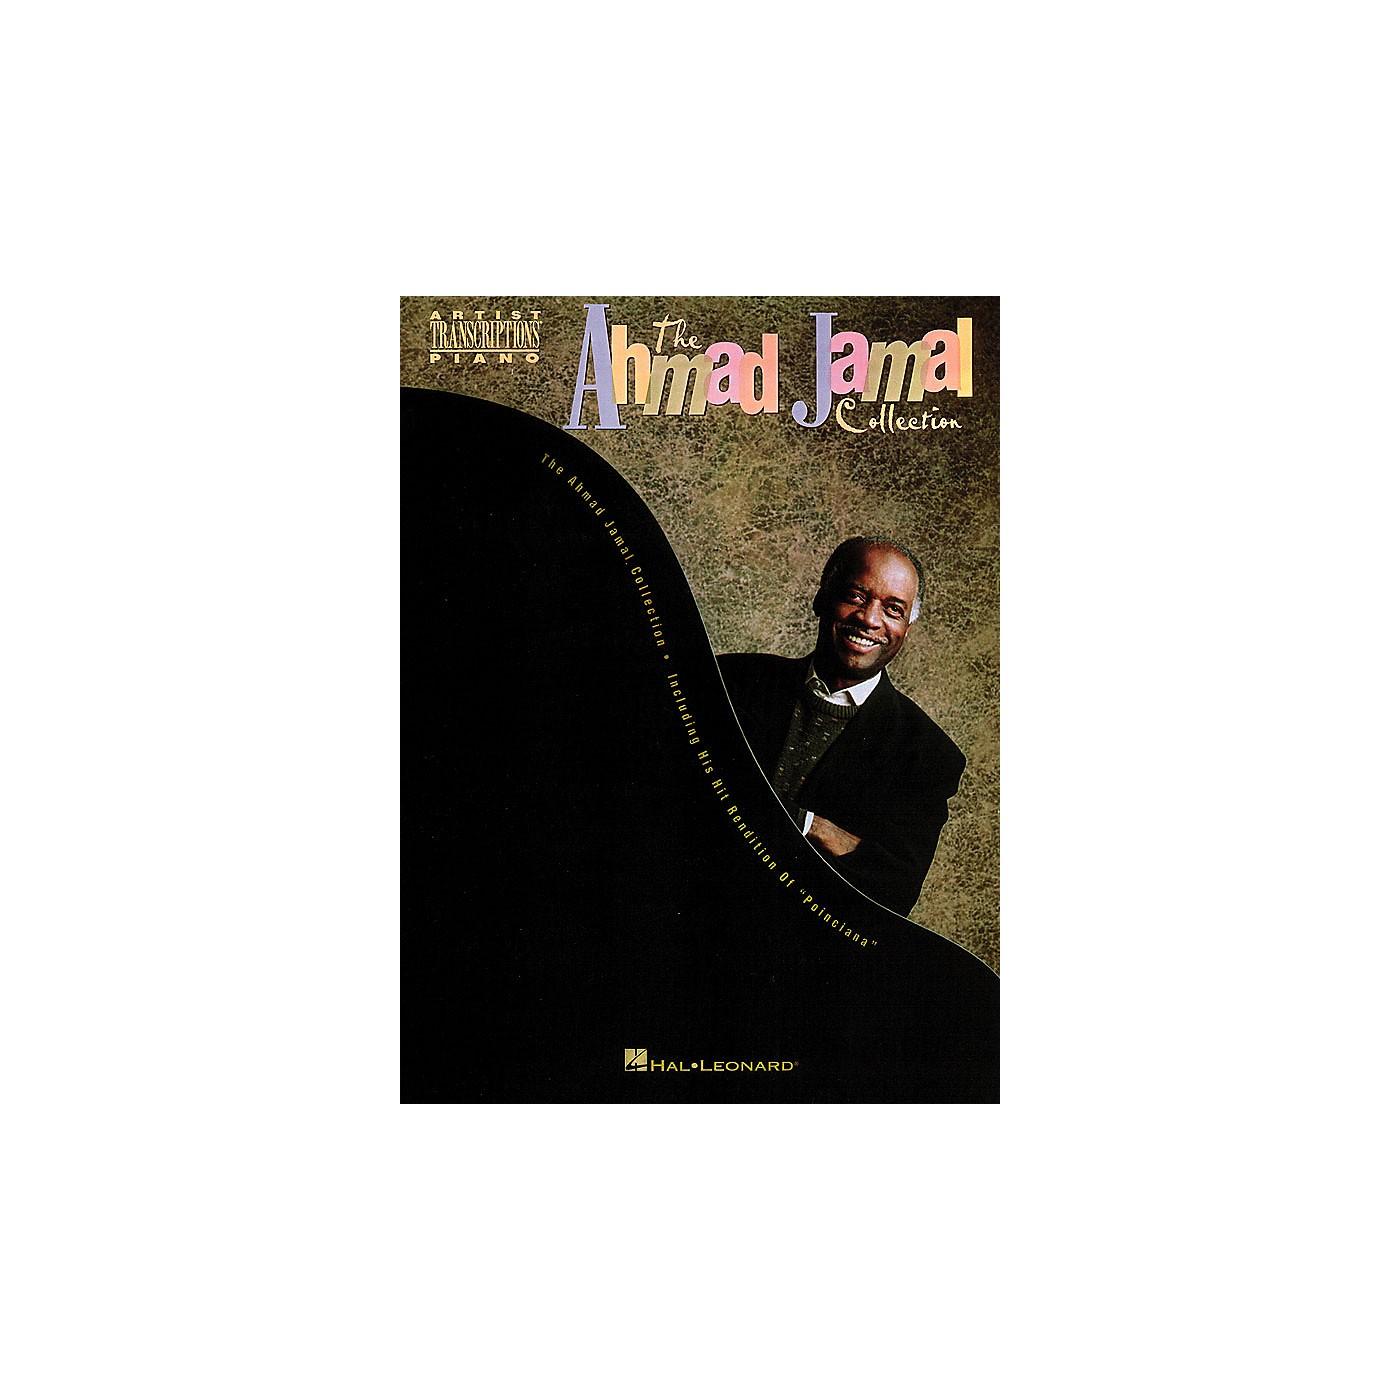 Hal Leonard Ahmad Jamal Collection Artist Transcriptions Series Performed by Ahmad Jamal thumbnail